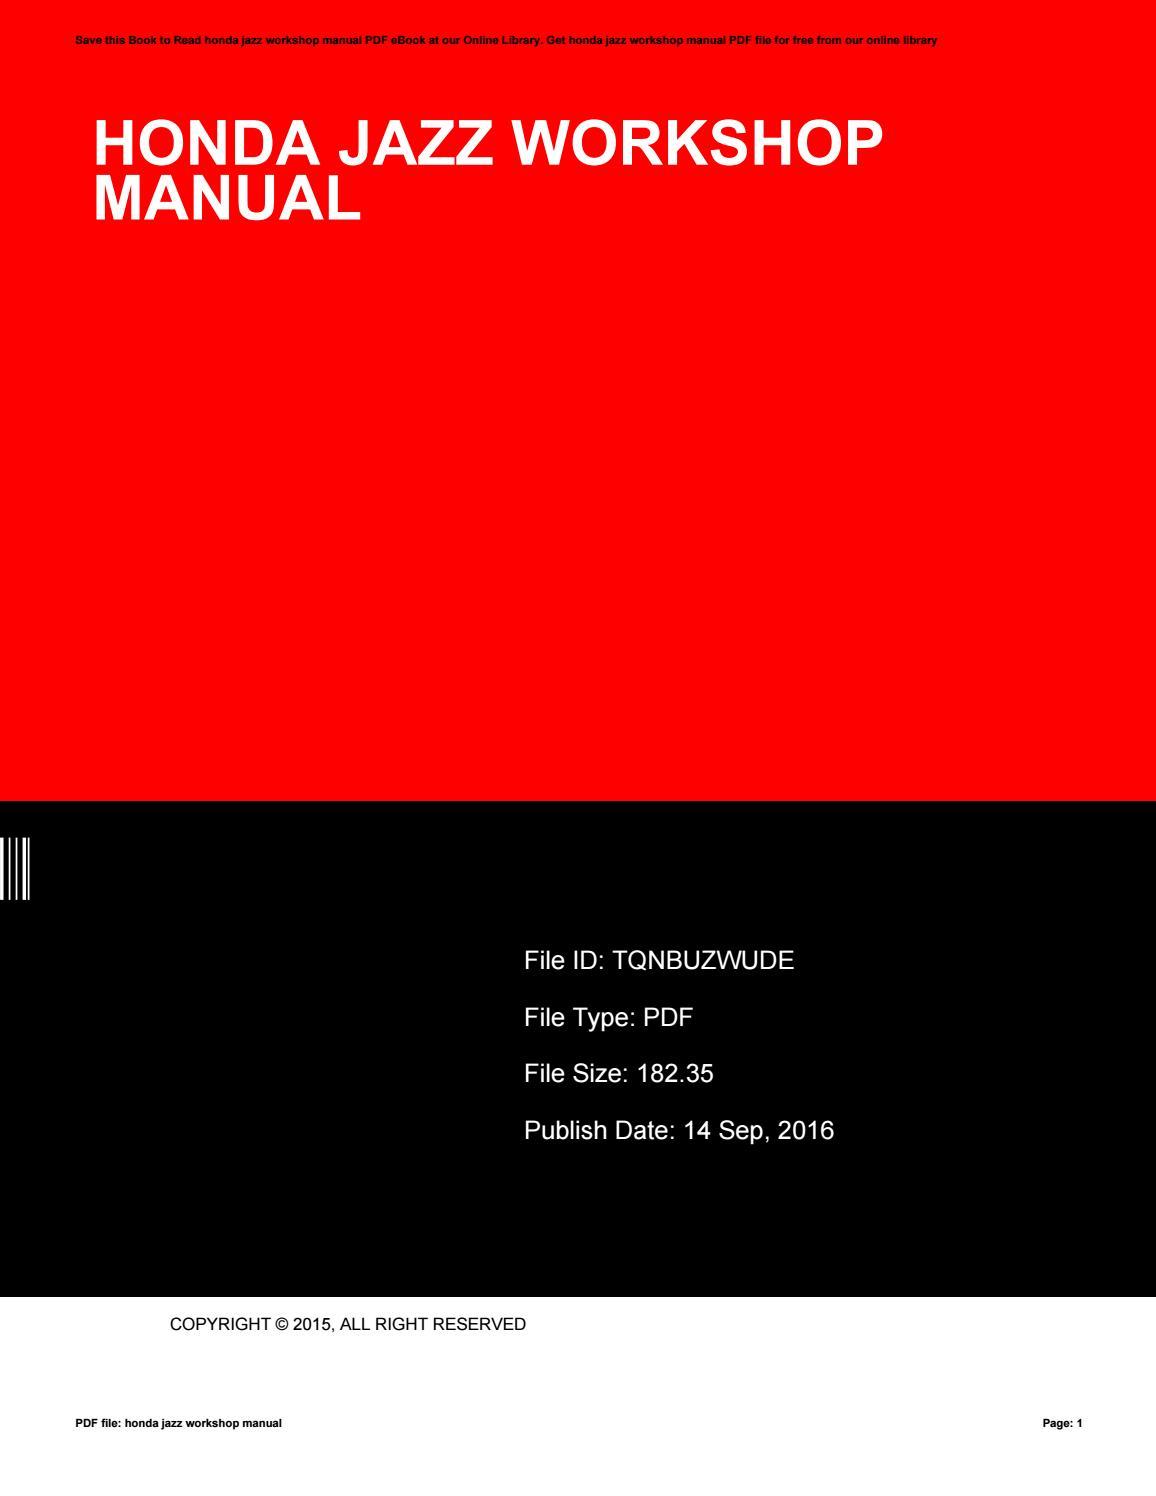 Honda Jazz Workshop Manual By Esmeraldavanmatre1909 Issuu